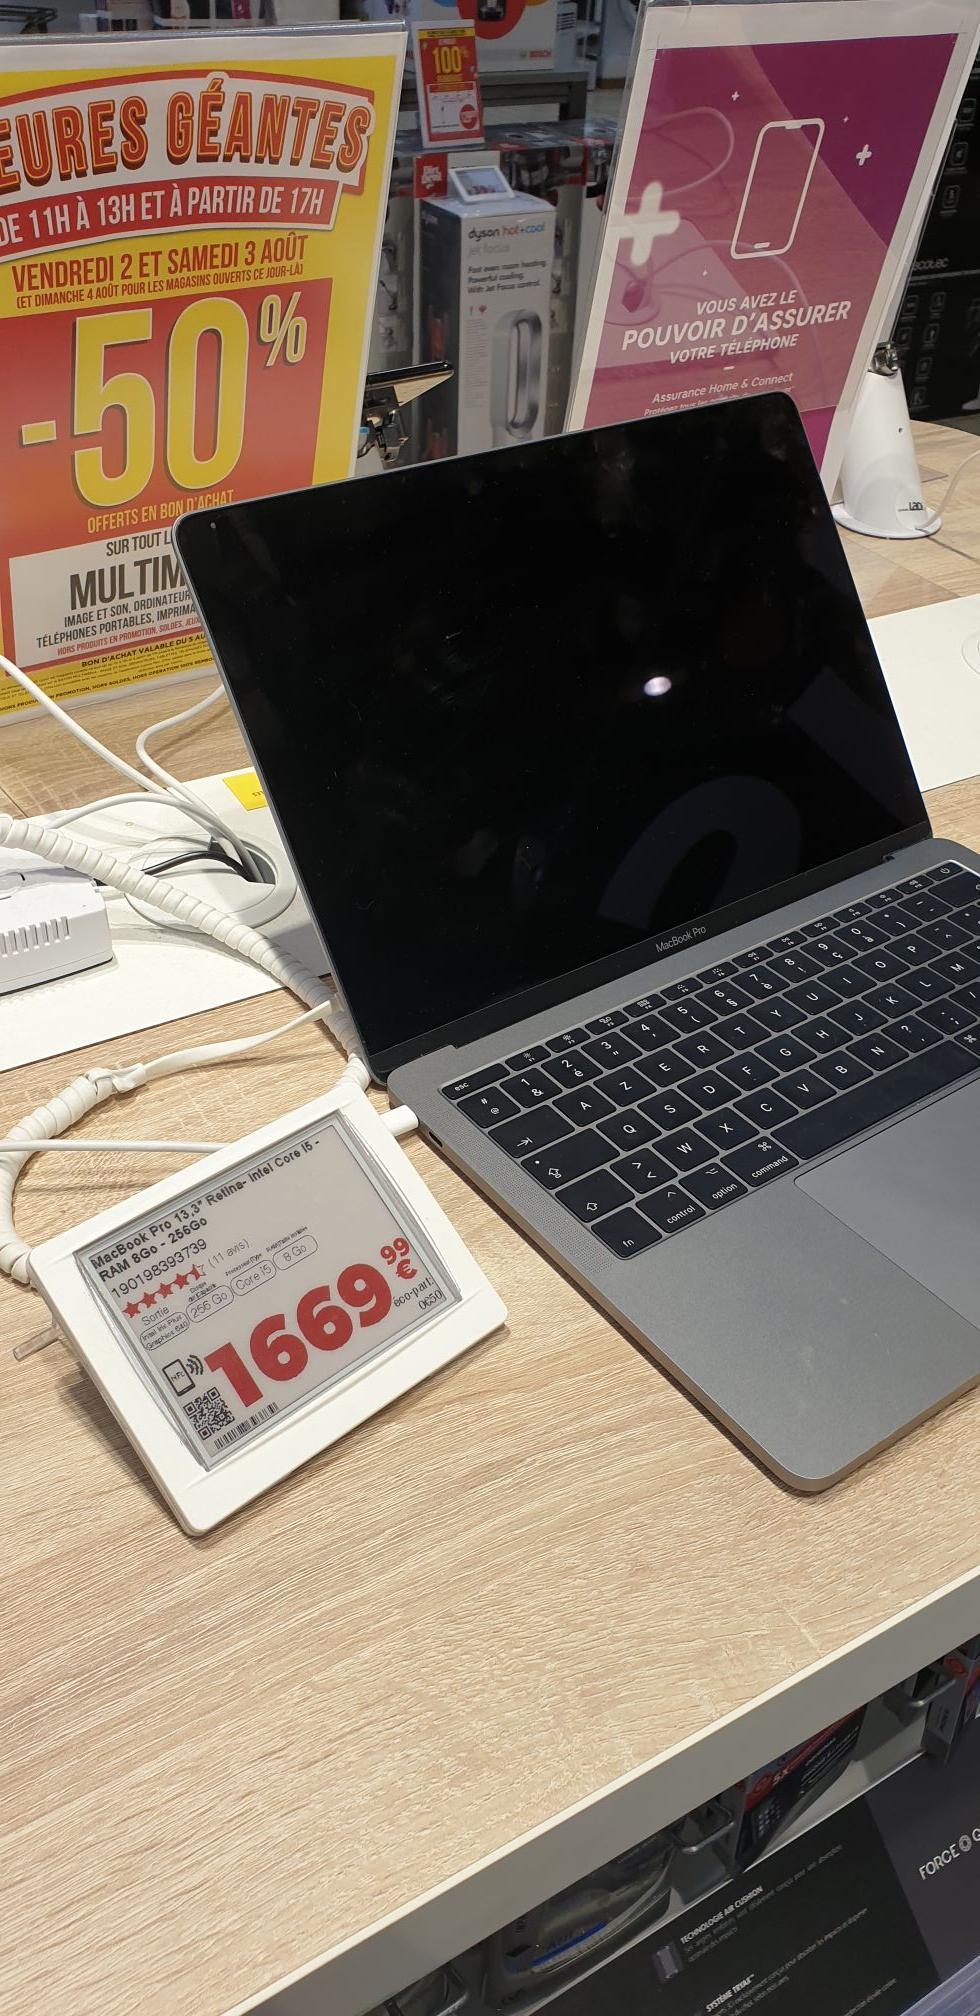 """Ordinateur Portable 13.3"""" Apple MacBook Pro 13 - i5, 256Go SSD, 8 Go RAM (Via 834,99€ en bon d'achat) - Mandelieu-la-Napoule (06)"""